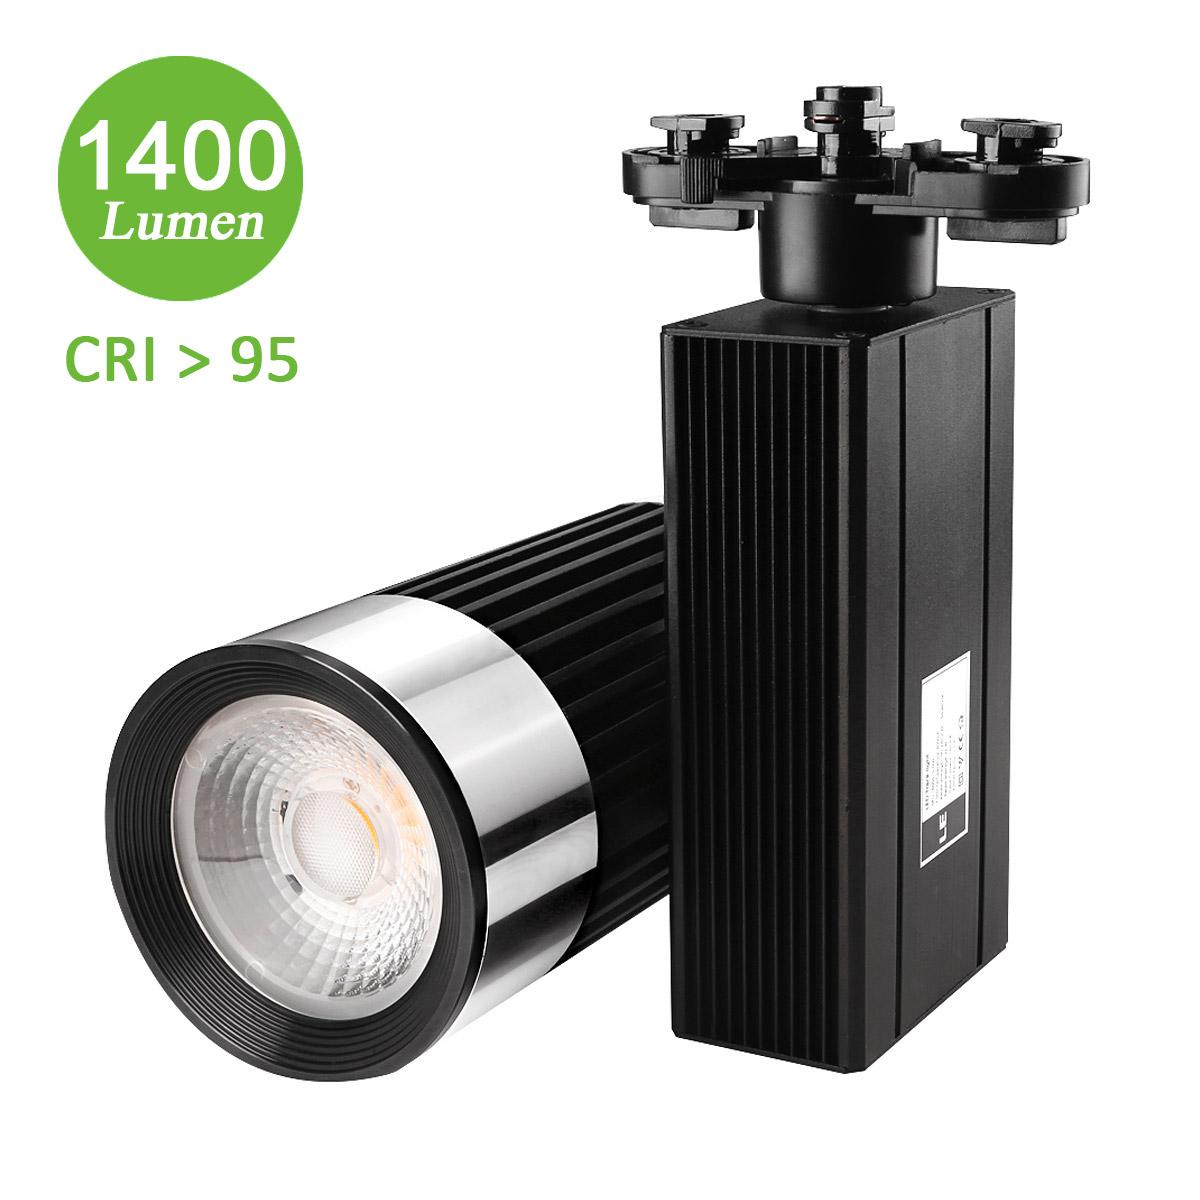 25W LED Schienensystem, 1400lm Seilsystem, Ersatz für 150W Halogenlampen, 30° Spotlight, Warmweiß